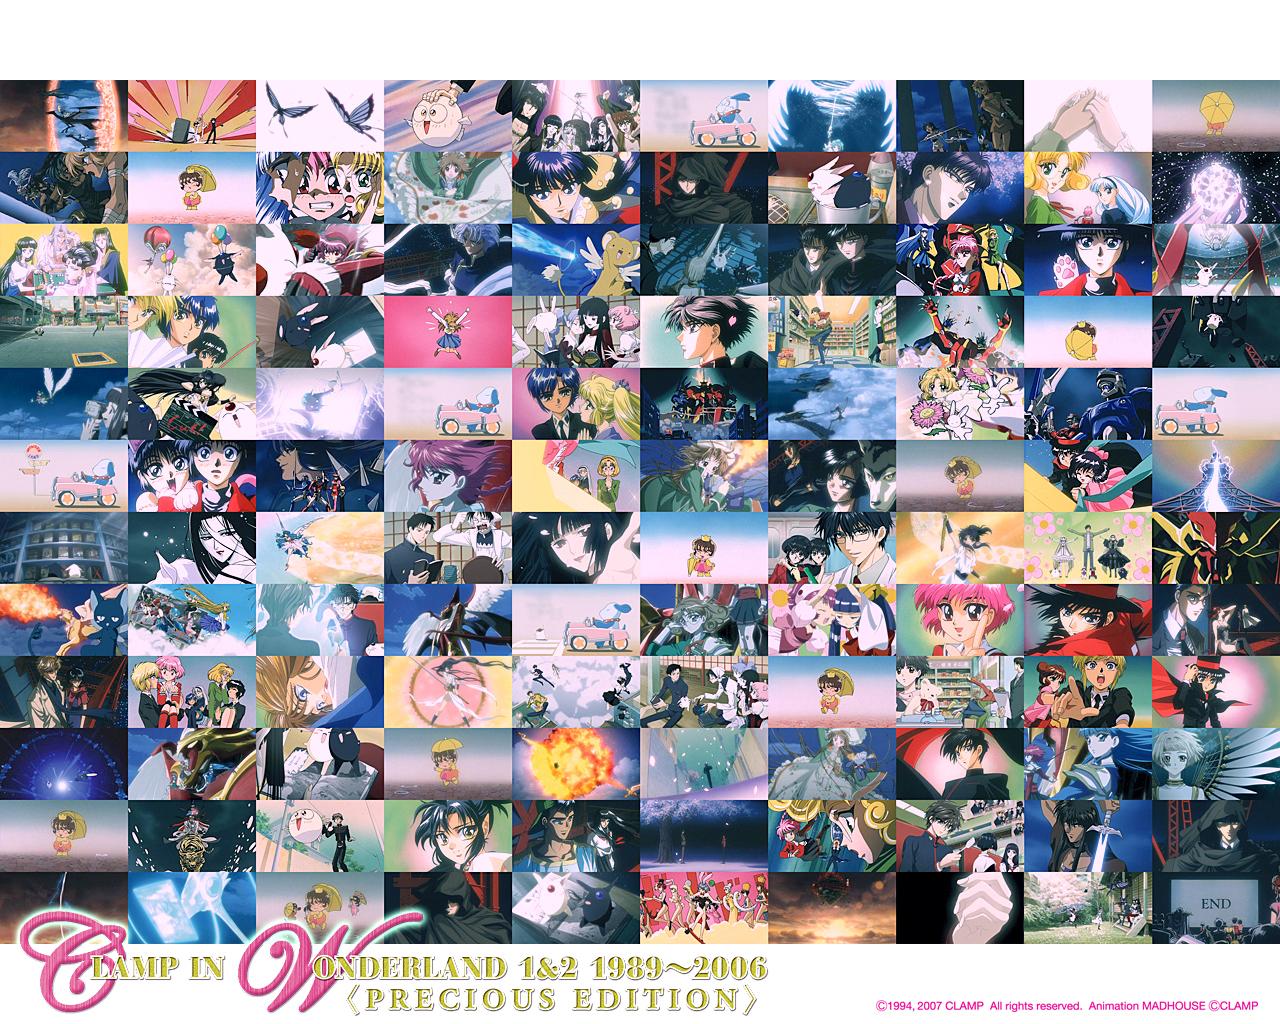 online discount wallpaper   wwwhigh definition wallpapercom 1280x1024